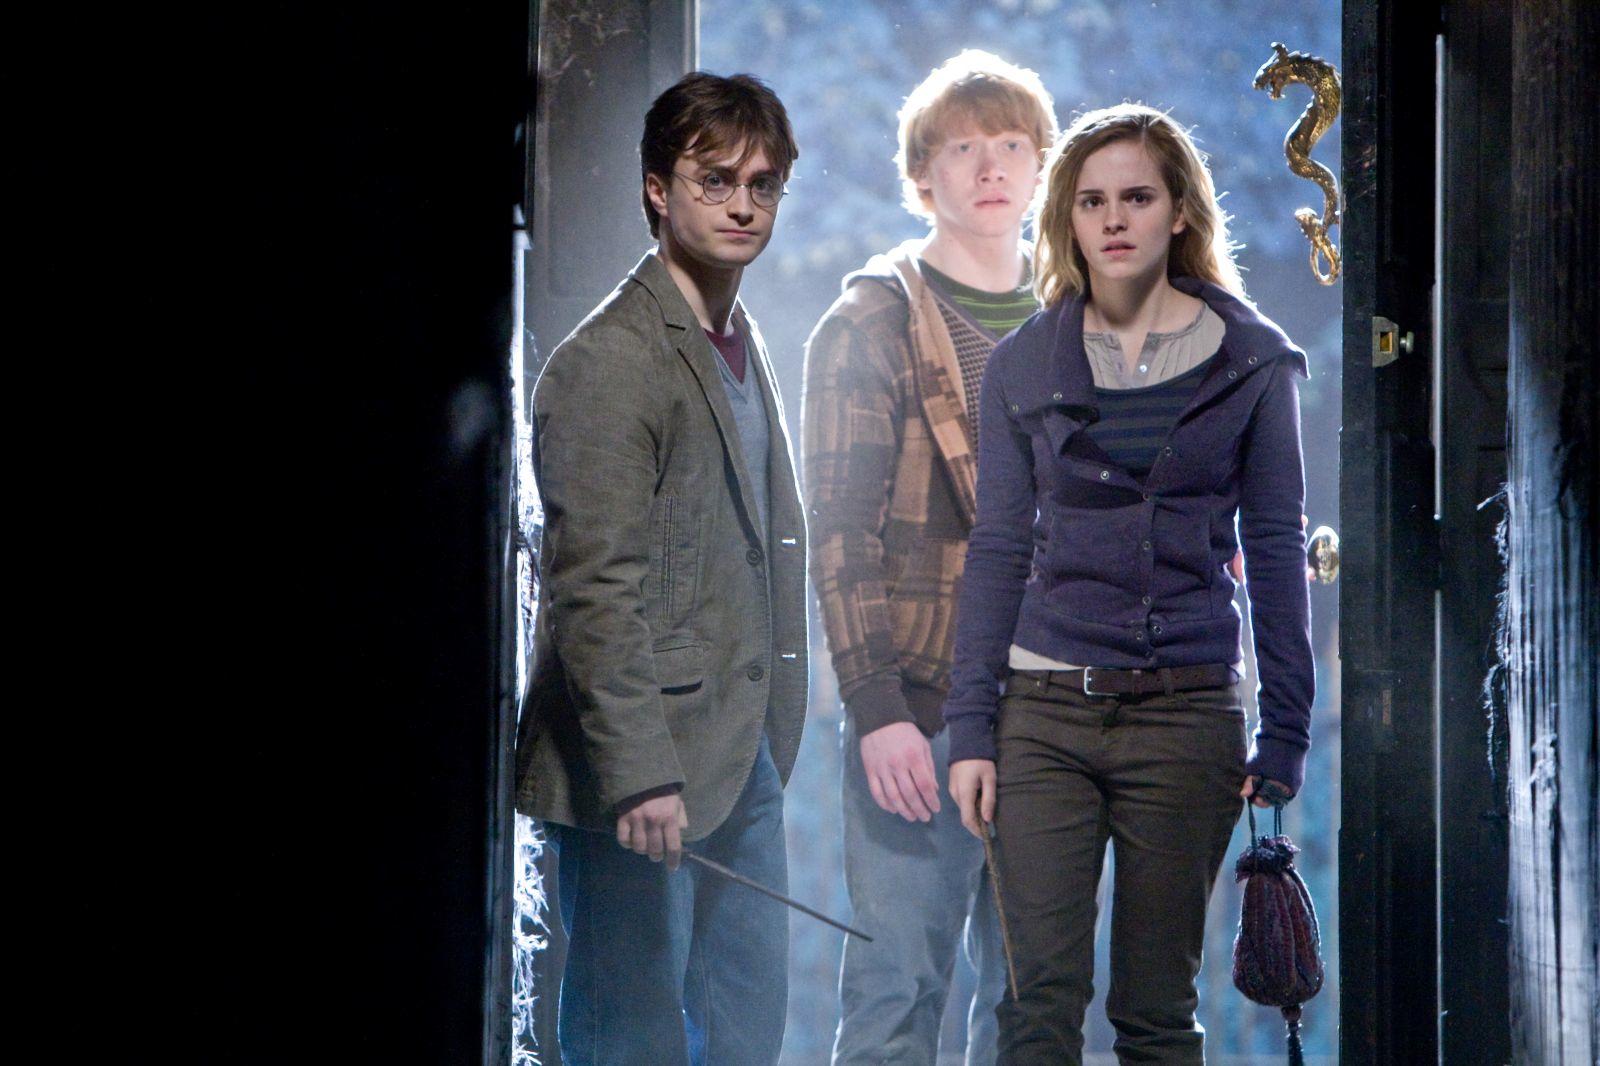 http://1.bp.blogspot.com/_7INDccPViqw/TOf_cNQeQGI/AAAAAAAACqA/S010pIzfuLg/s1600/Harry+Potter+y+las+reliquias+de+la+muerte+%25281%2529.jpg